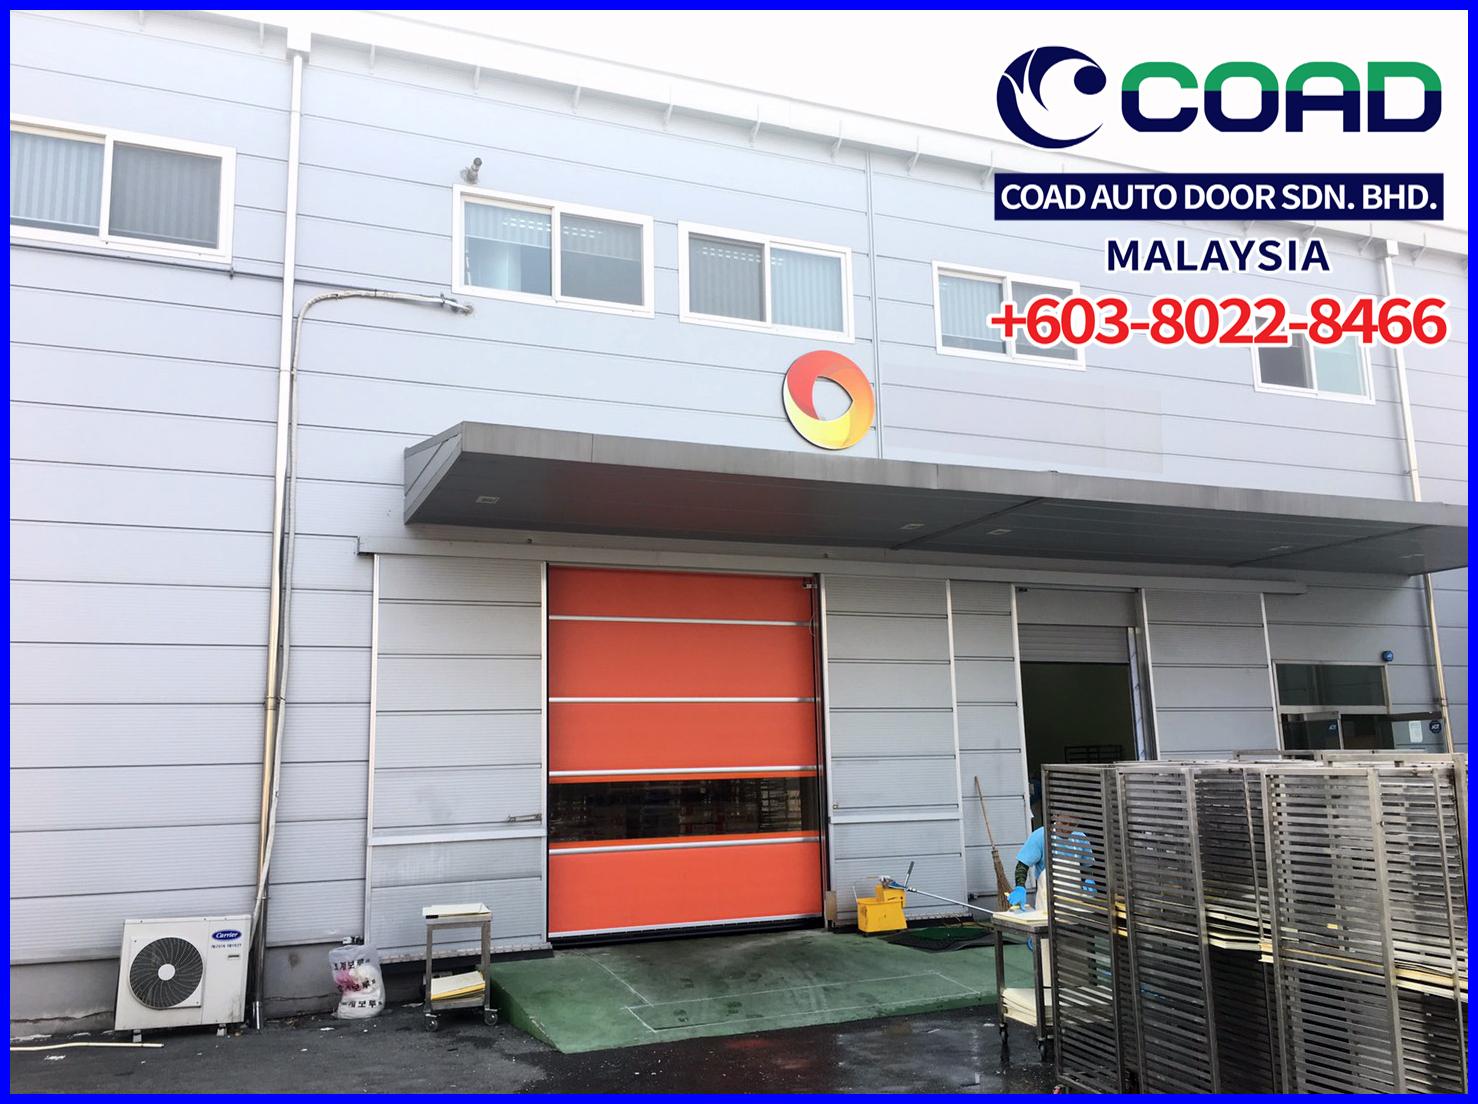 High Speed Door Coad Auto Door Malaysia Steel Roller Shutter Doors